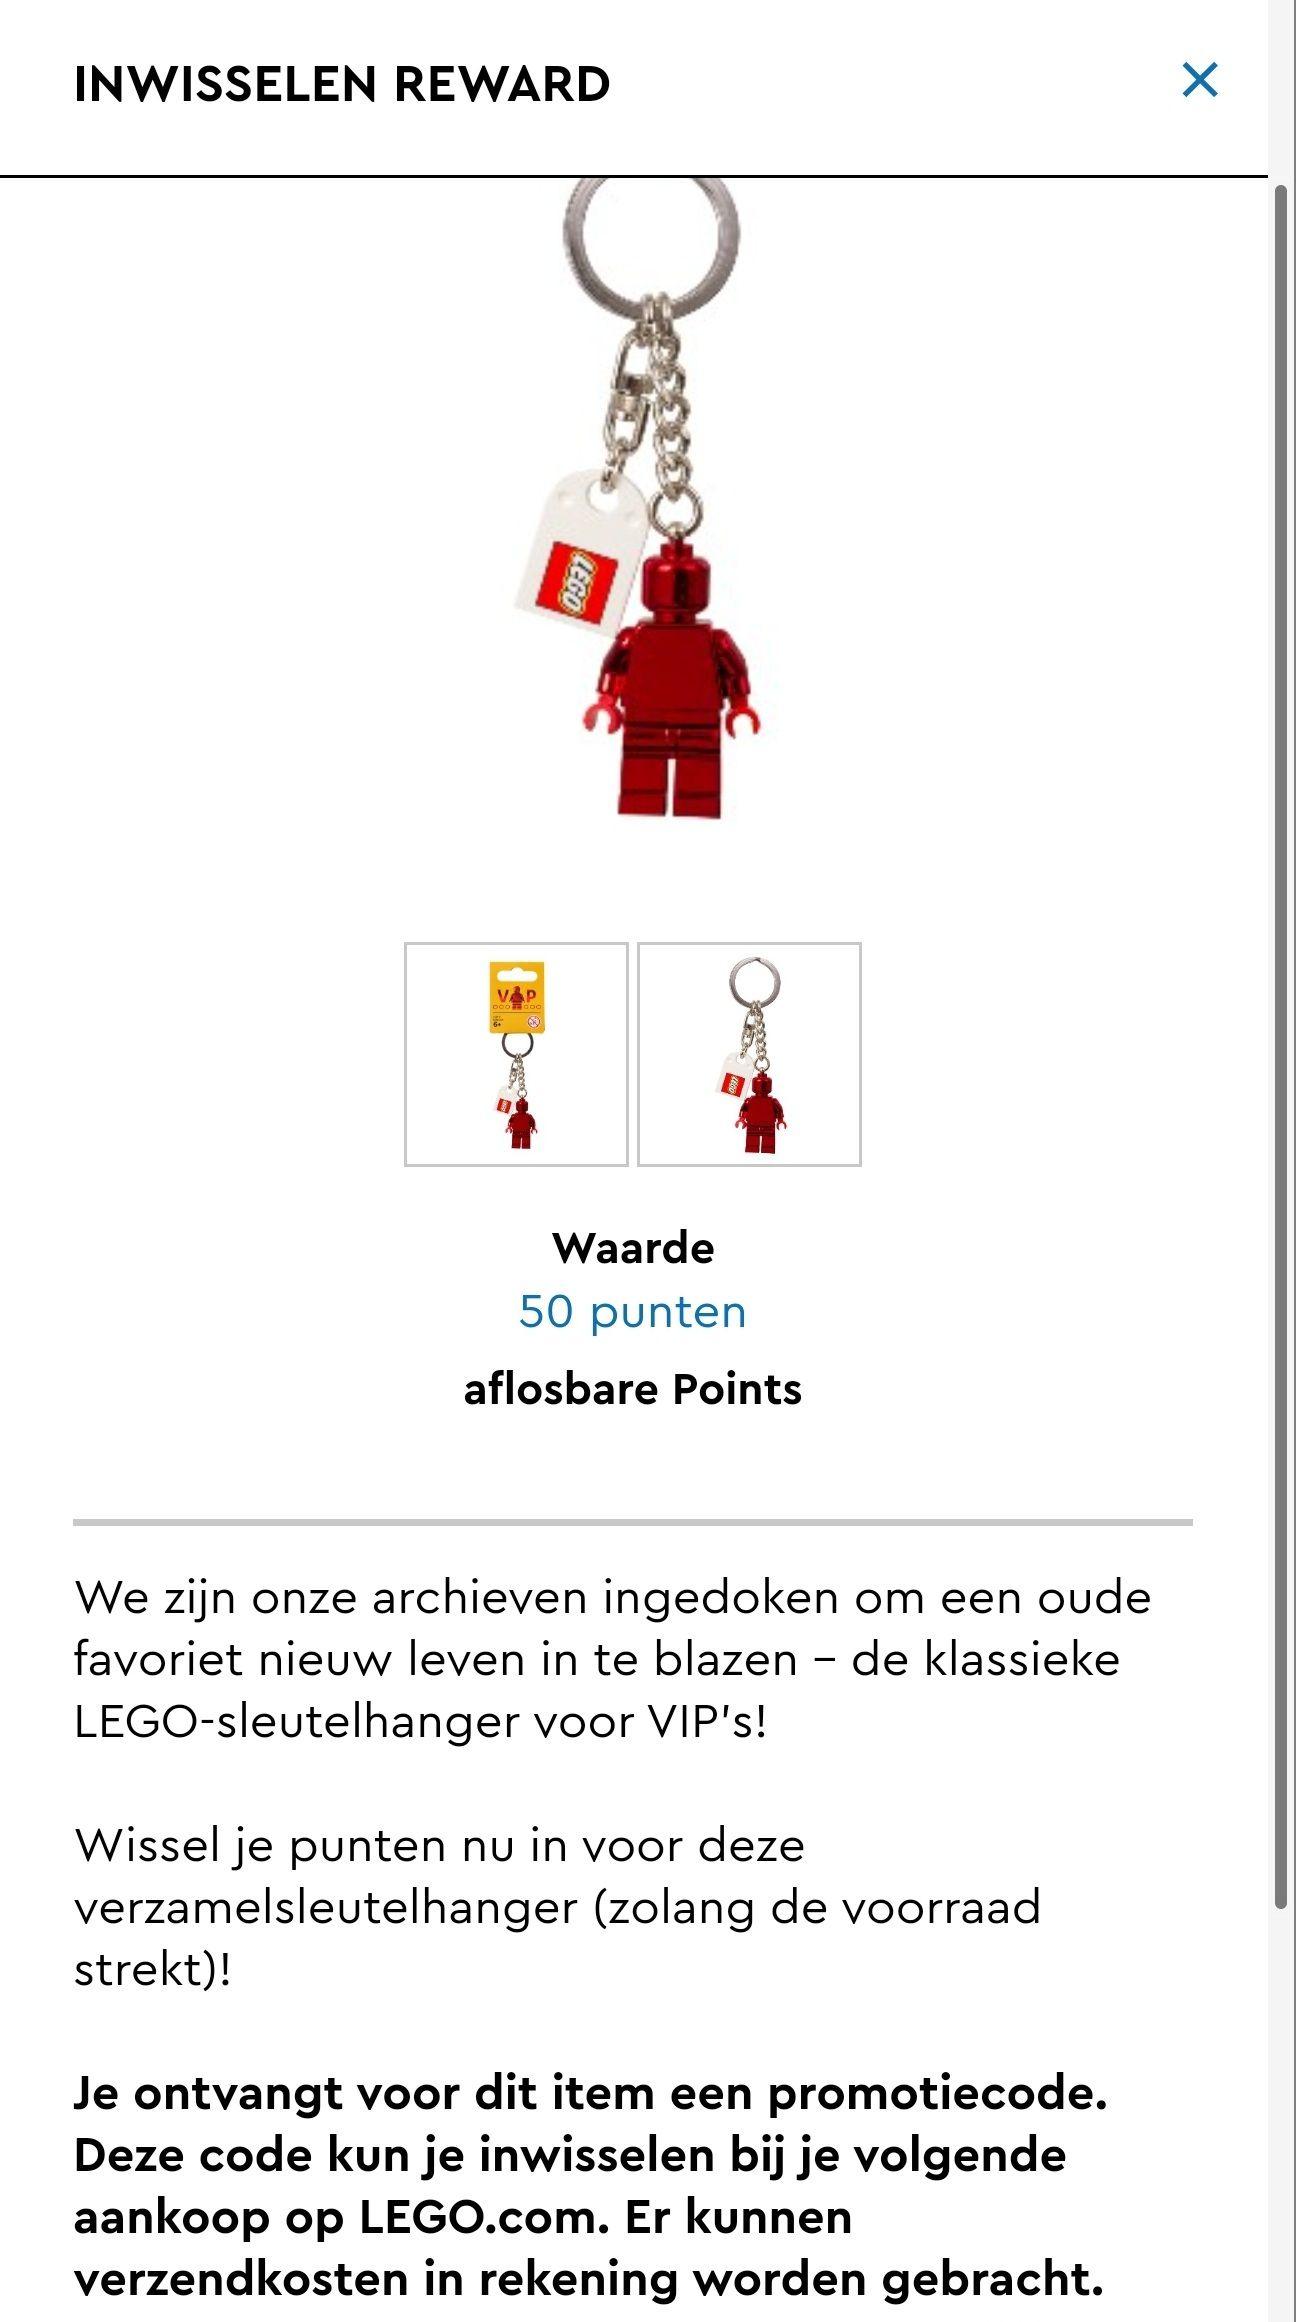 LEGO VIPS - red minifigure sleutelhanger promo